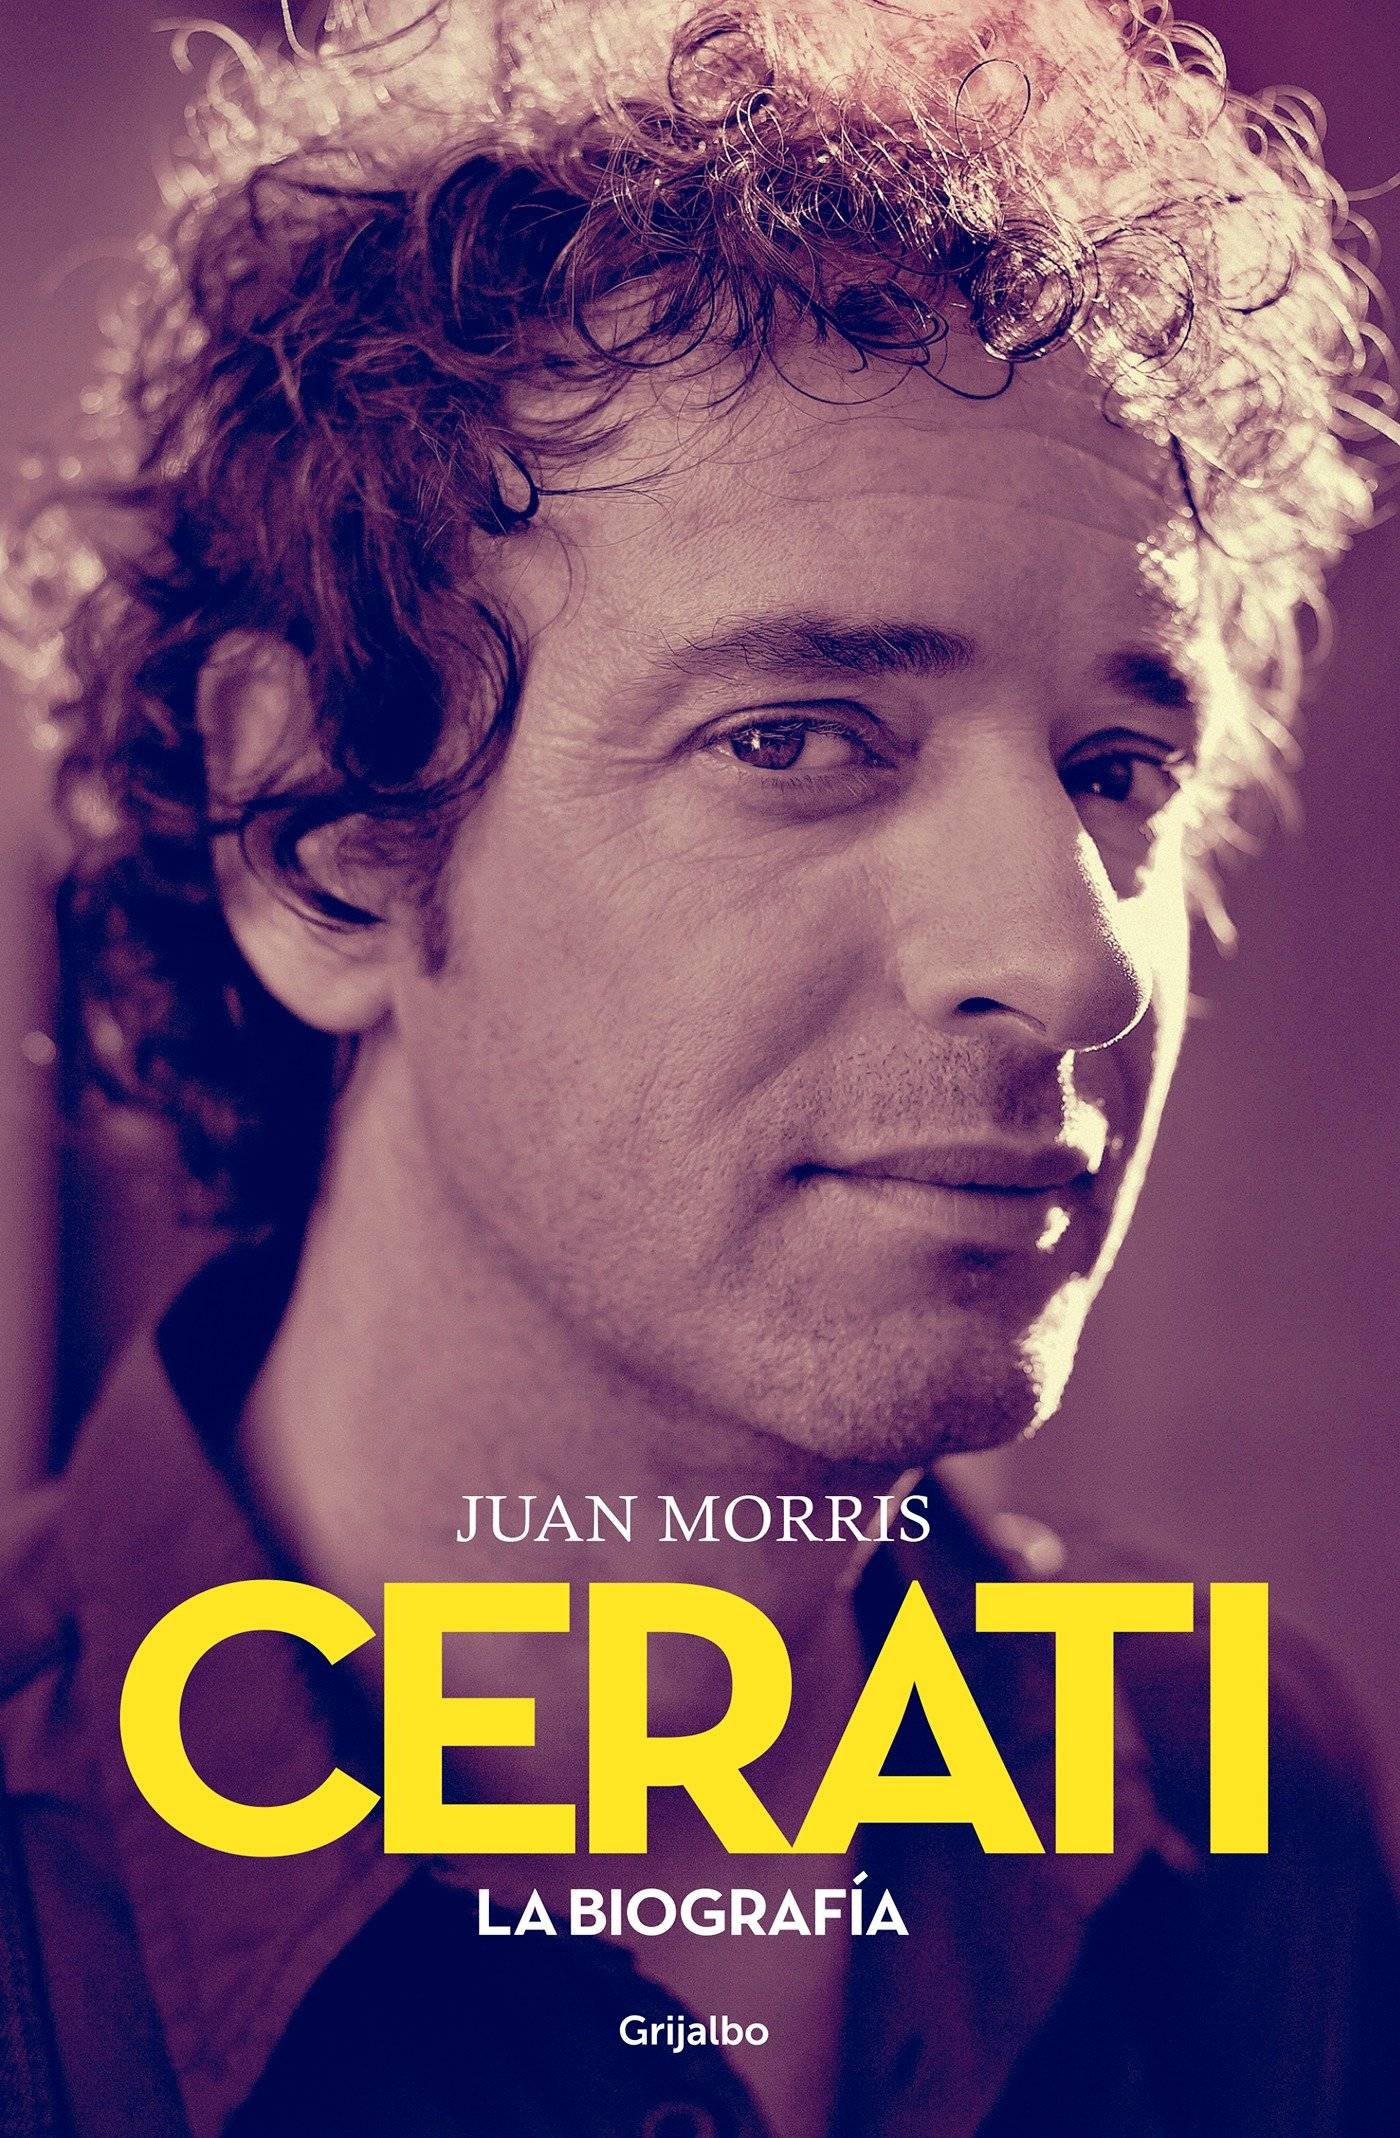 Cerati. La biografia (Spanish Edition)